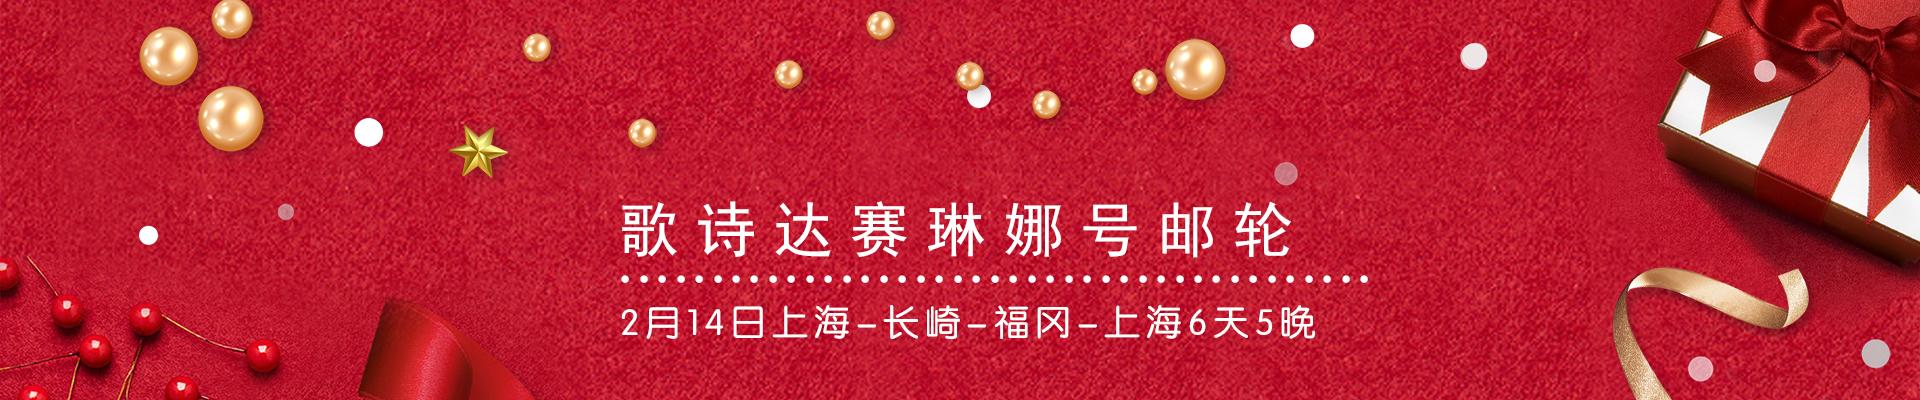 歌诗达赛琳娜号邮轮:2月14日上海-长崎-福冈-上海6天5晚之旅